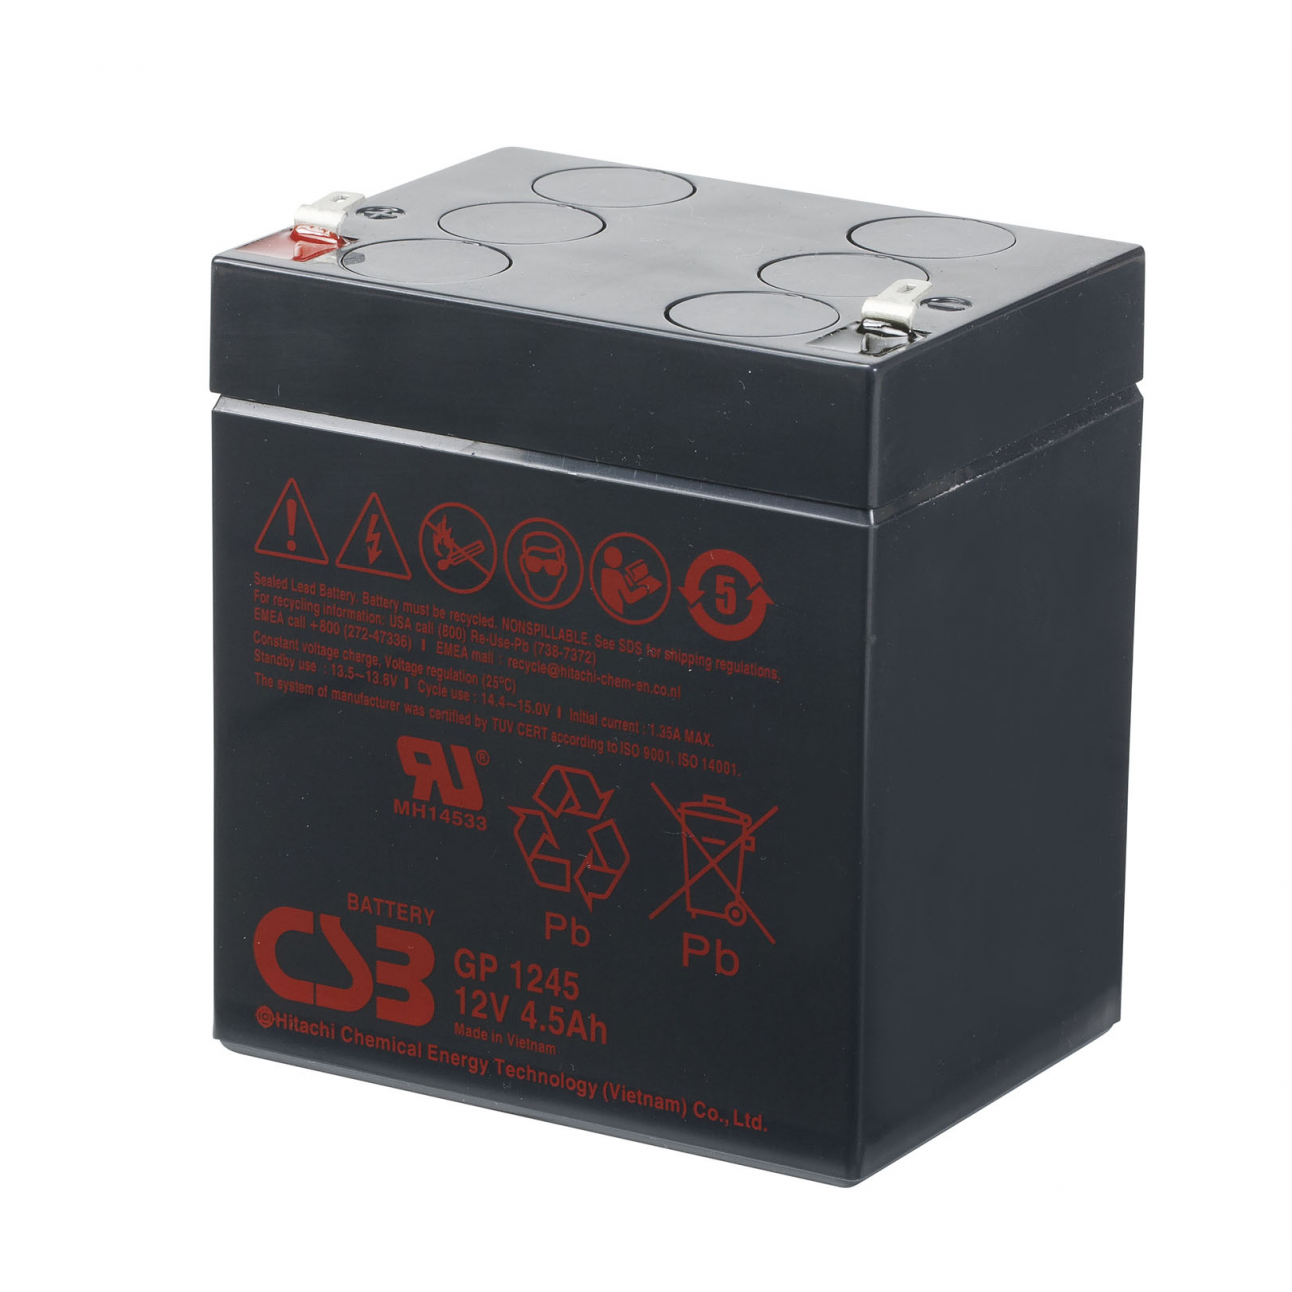 Аккумулятор CSB GP 1245 F2